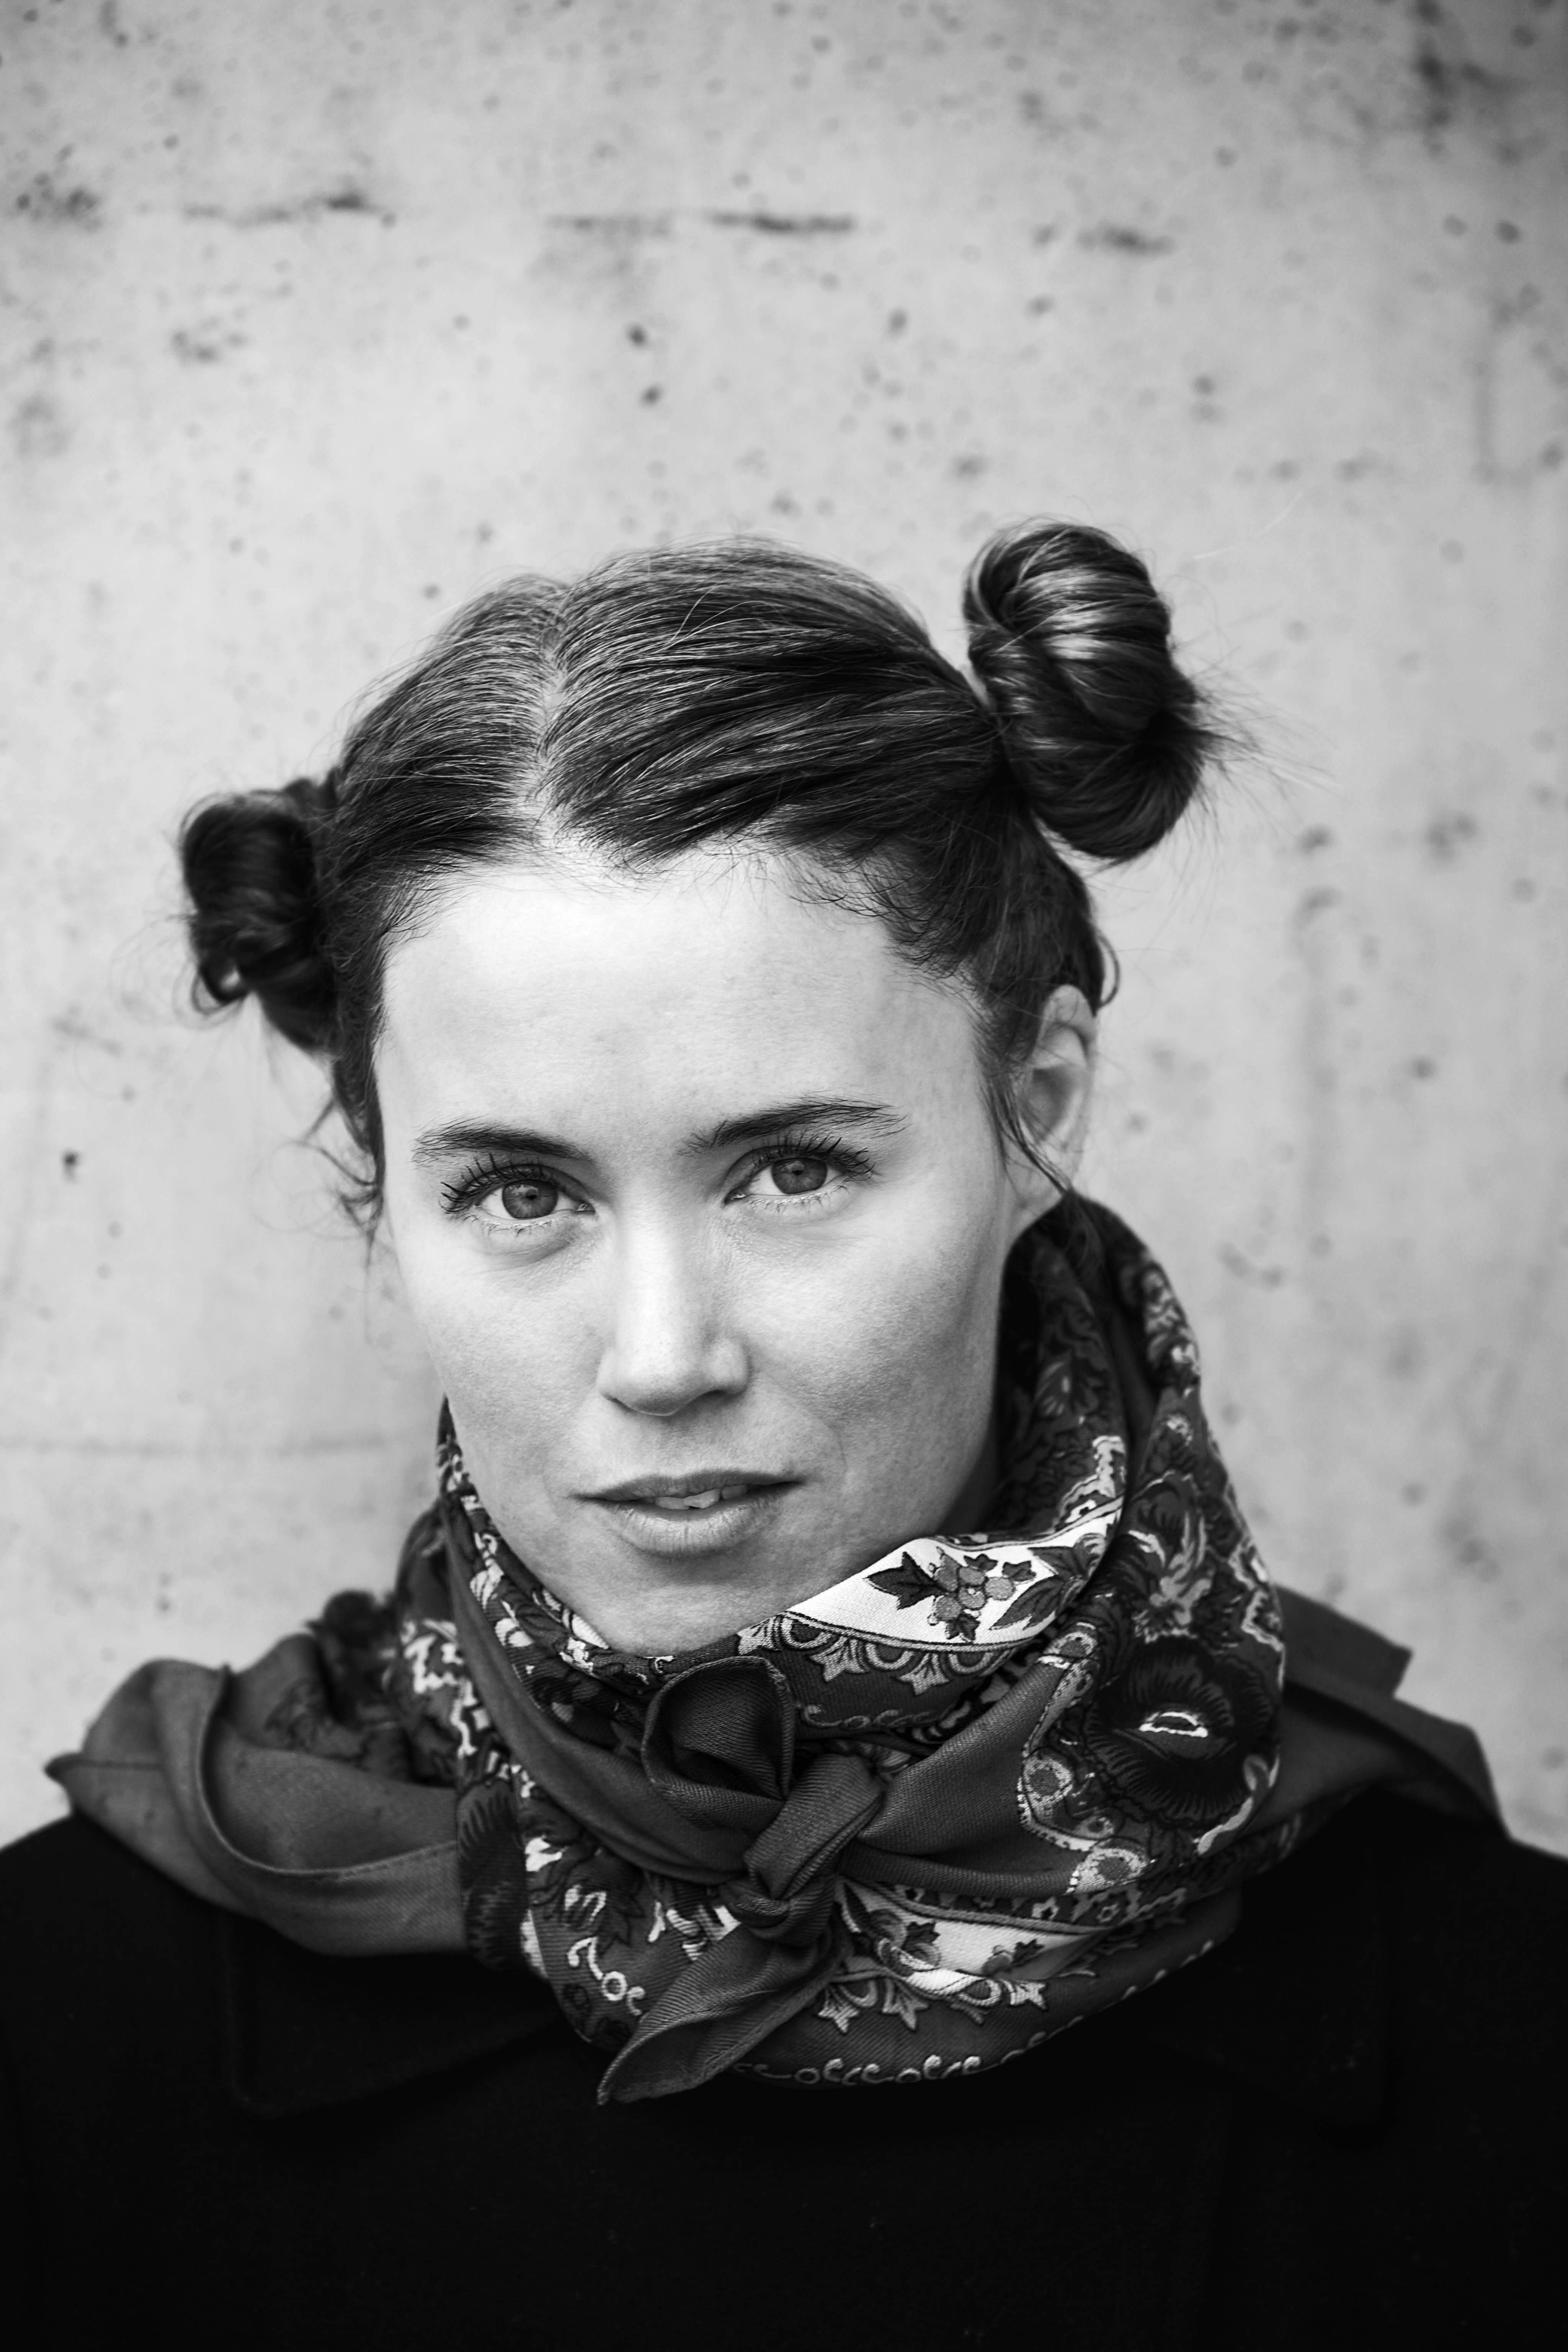 Författaren Linda Boström Knausgård, 2015.